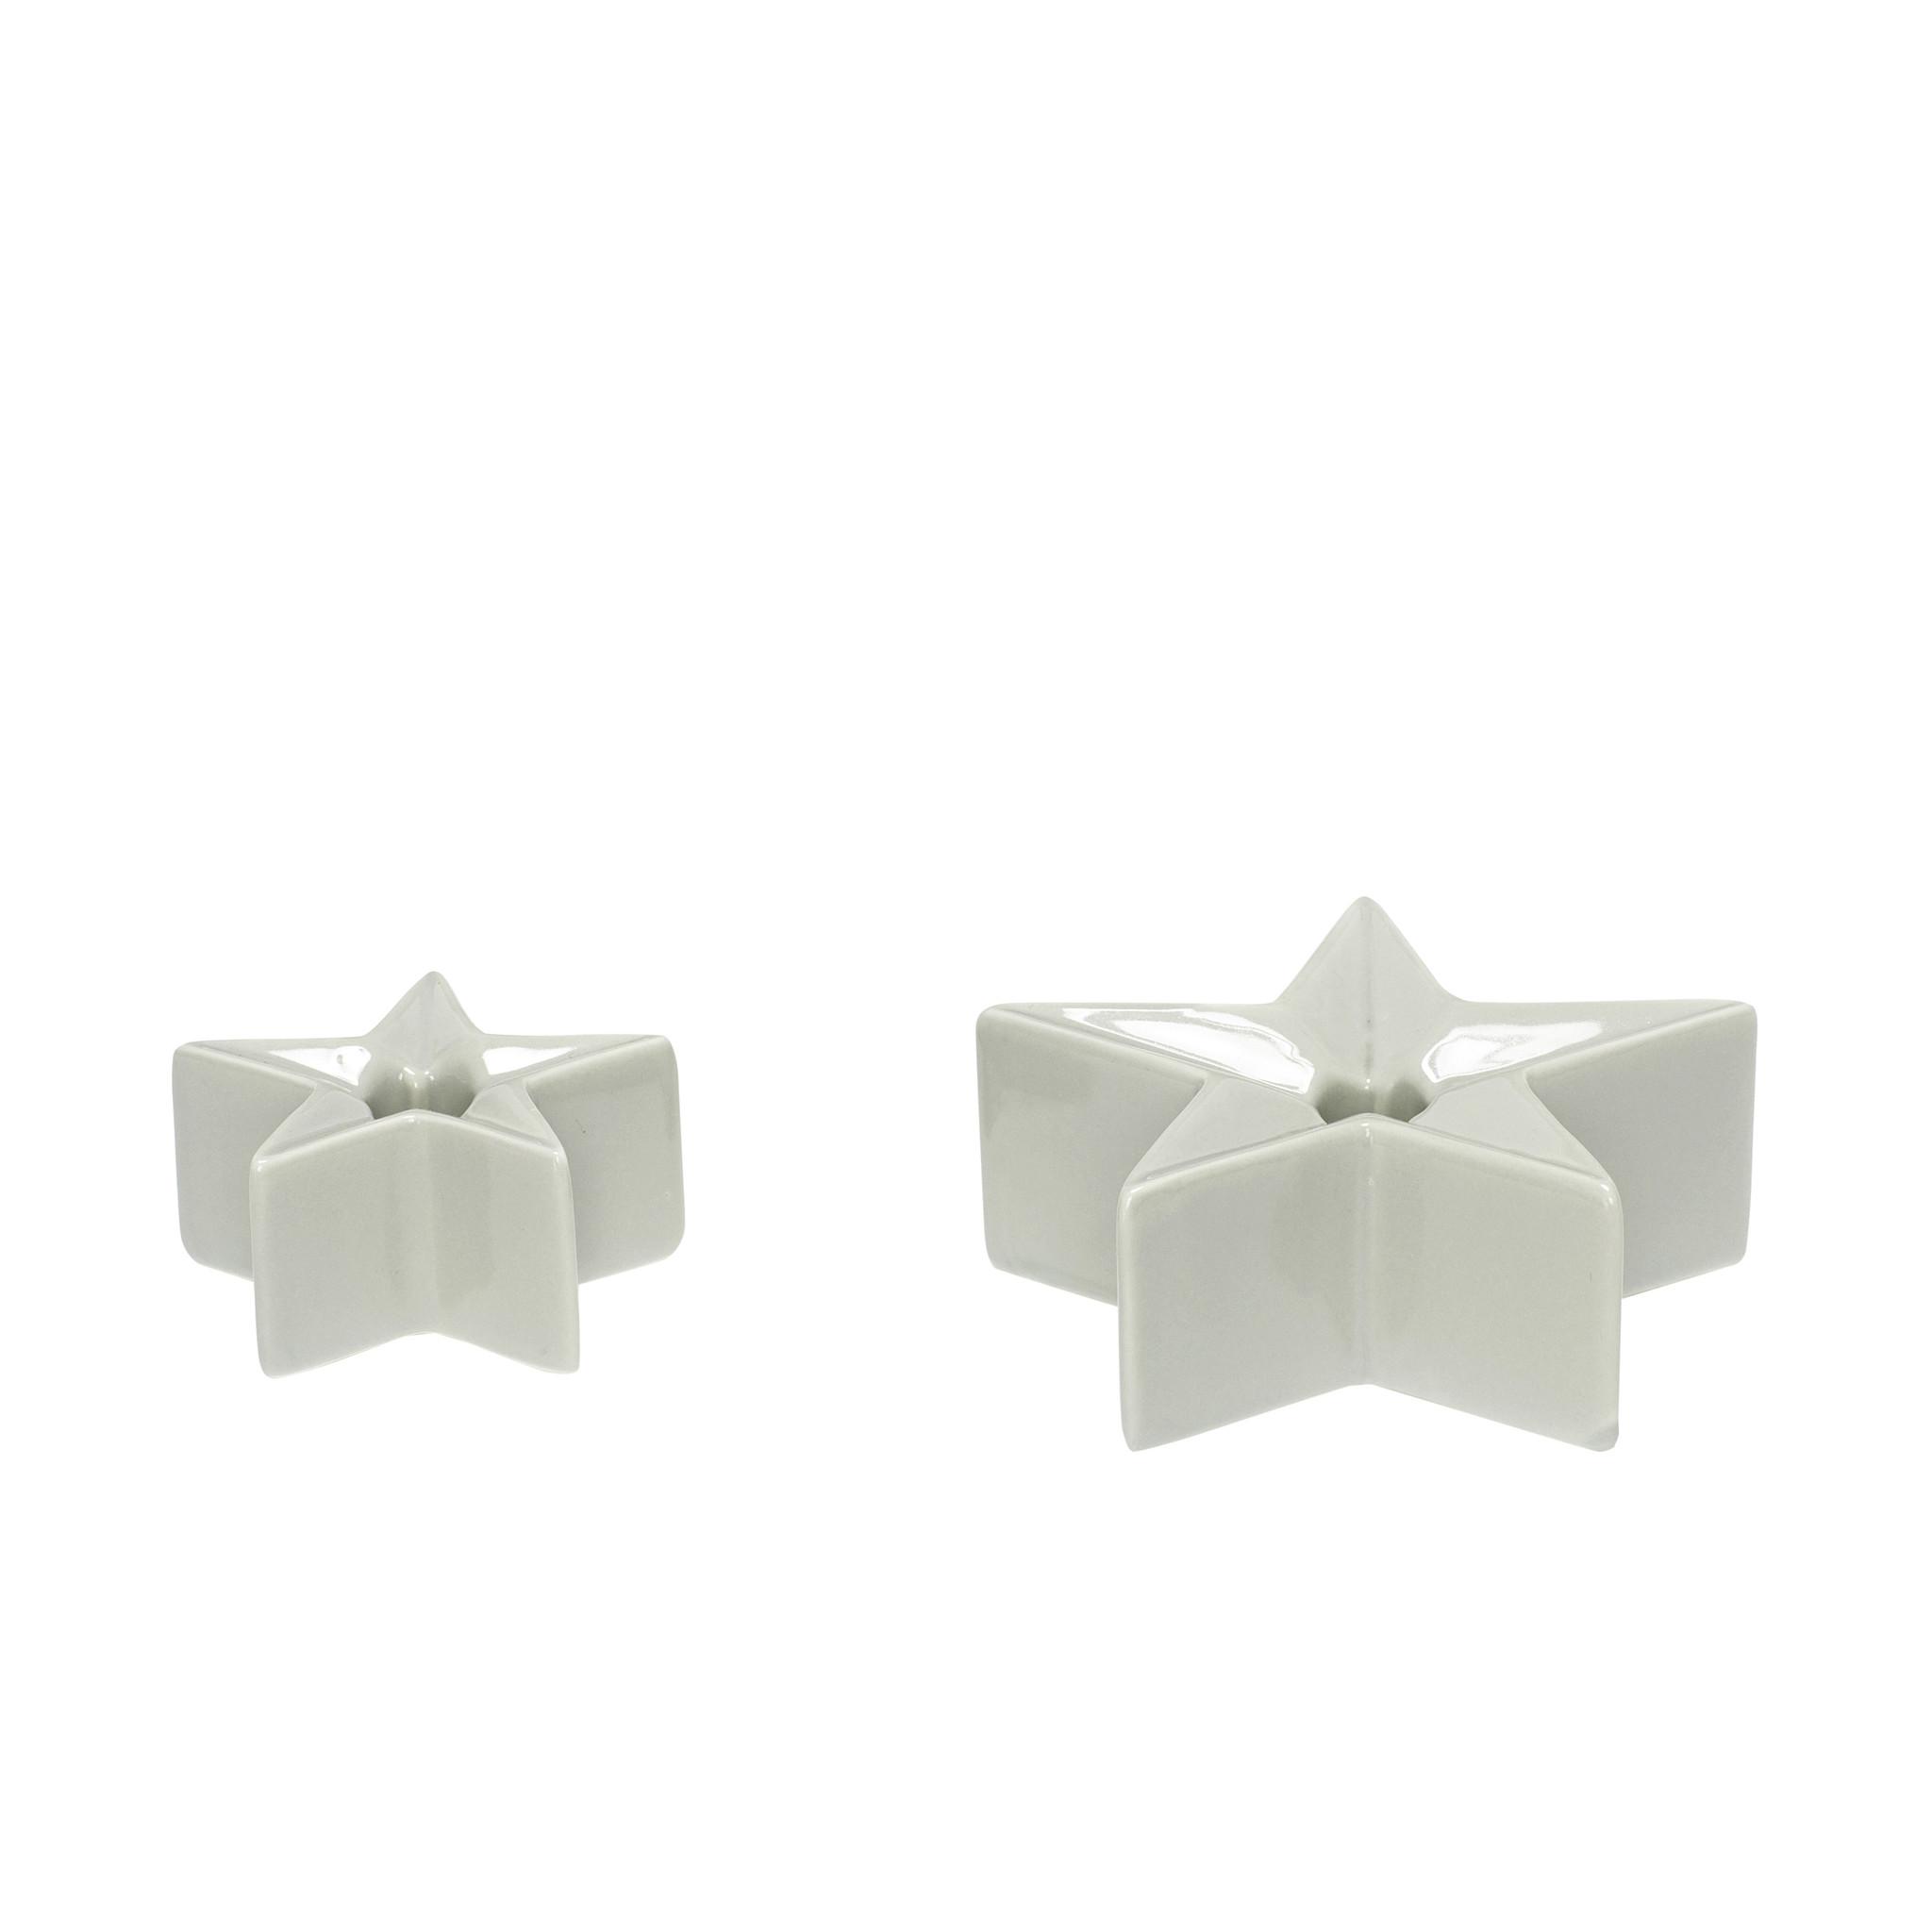 Hubsch Kandelaar, ster, porselein, grijs, set van 2-640502-5712772058008